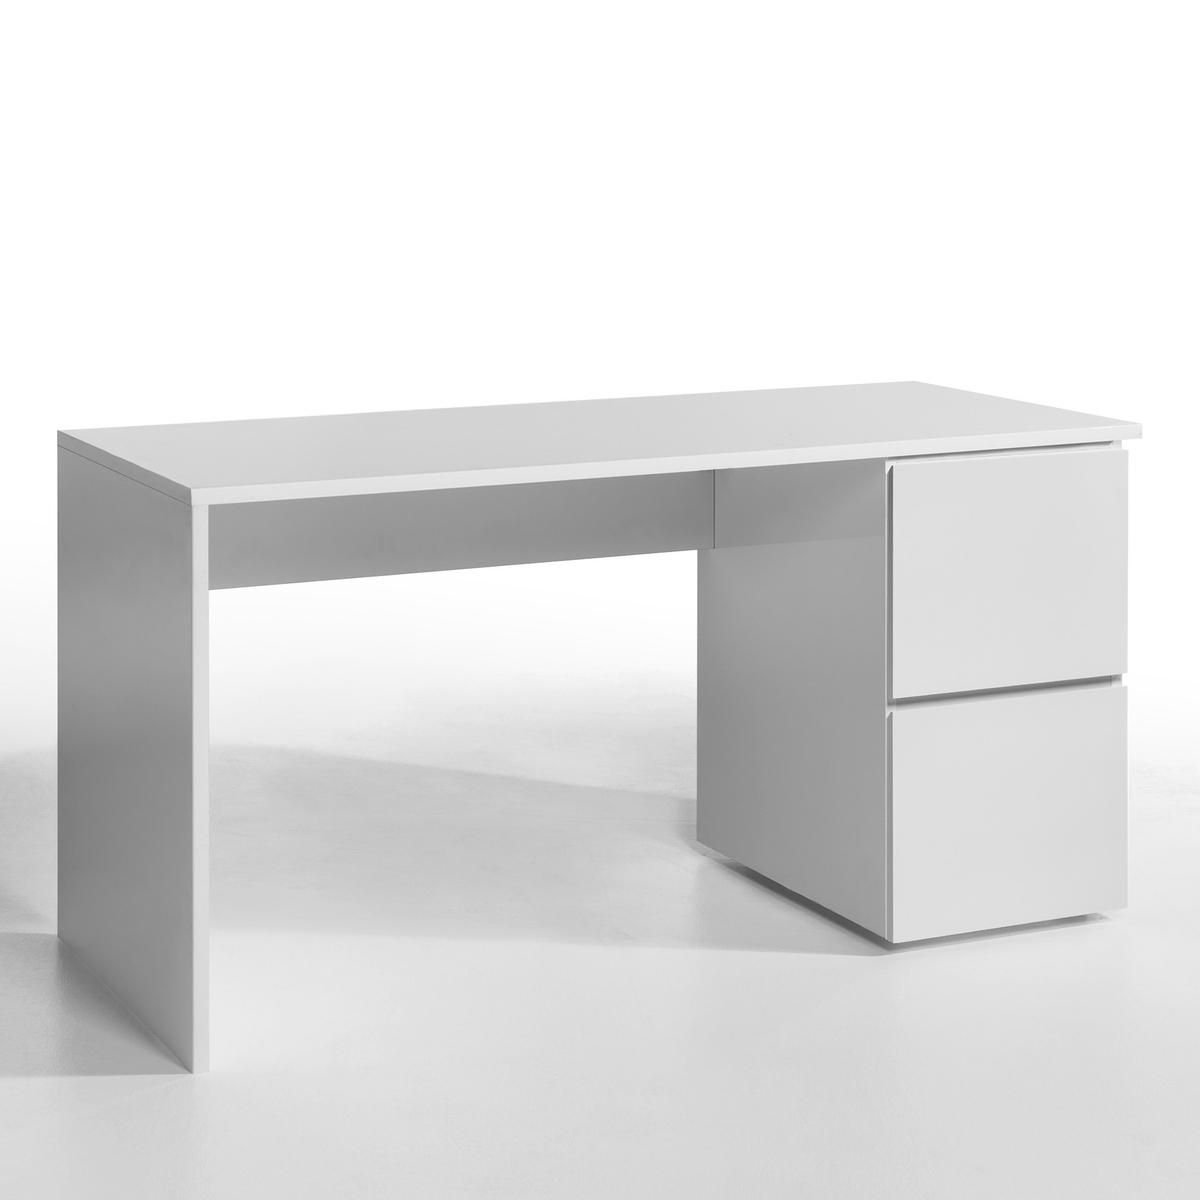 Стойка для письменного стола WorkingСтойка для письменного стола Working. Сочетается со столешницами и ящиками Working, которые продаются на нашем сайте. Создайте свое оригинальное рабочее место.Характеристики : - Лакированный МДФ, отделка полиуретановым лаком.- Крепится к столешнице (винты в комплекте).- Данная модель легко собирается, инструкция по сборке прилагаетсяРазмер : - Д 107,9 x В 73,8 x Г 65 см.  Размеры и вес упаковки : - Д 116,5 x В 6 x Г 70 см, 16,10 кг:!! .<br><br>Цвет: белый